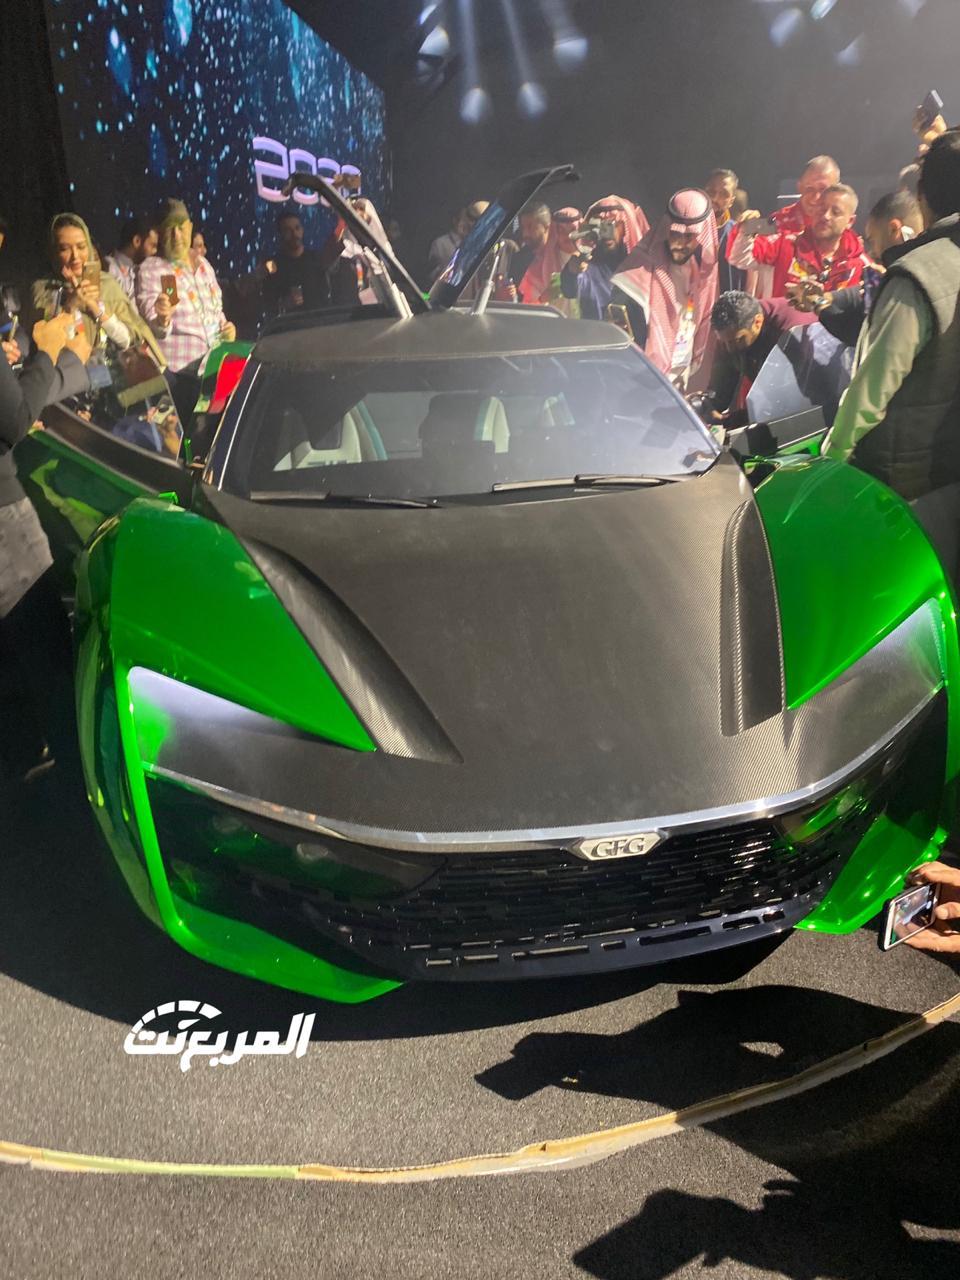 تعرف على سيارة المستقبل 2030 المصن عة خصيصا للمملكة